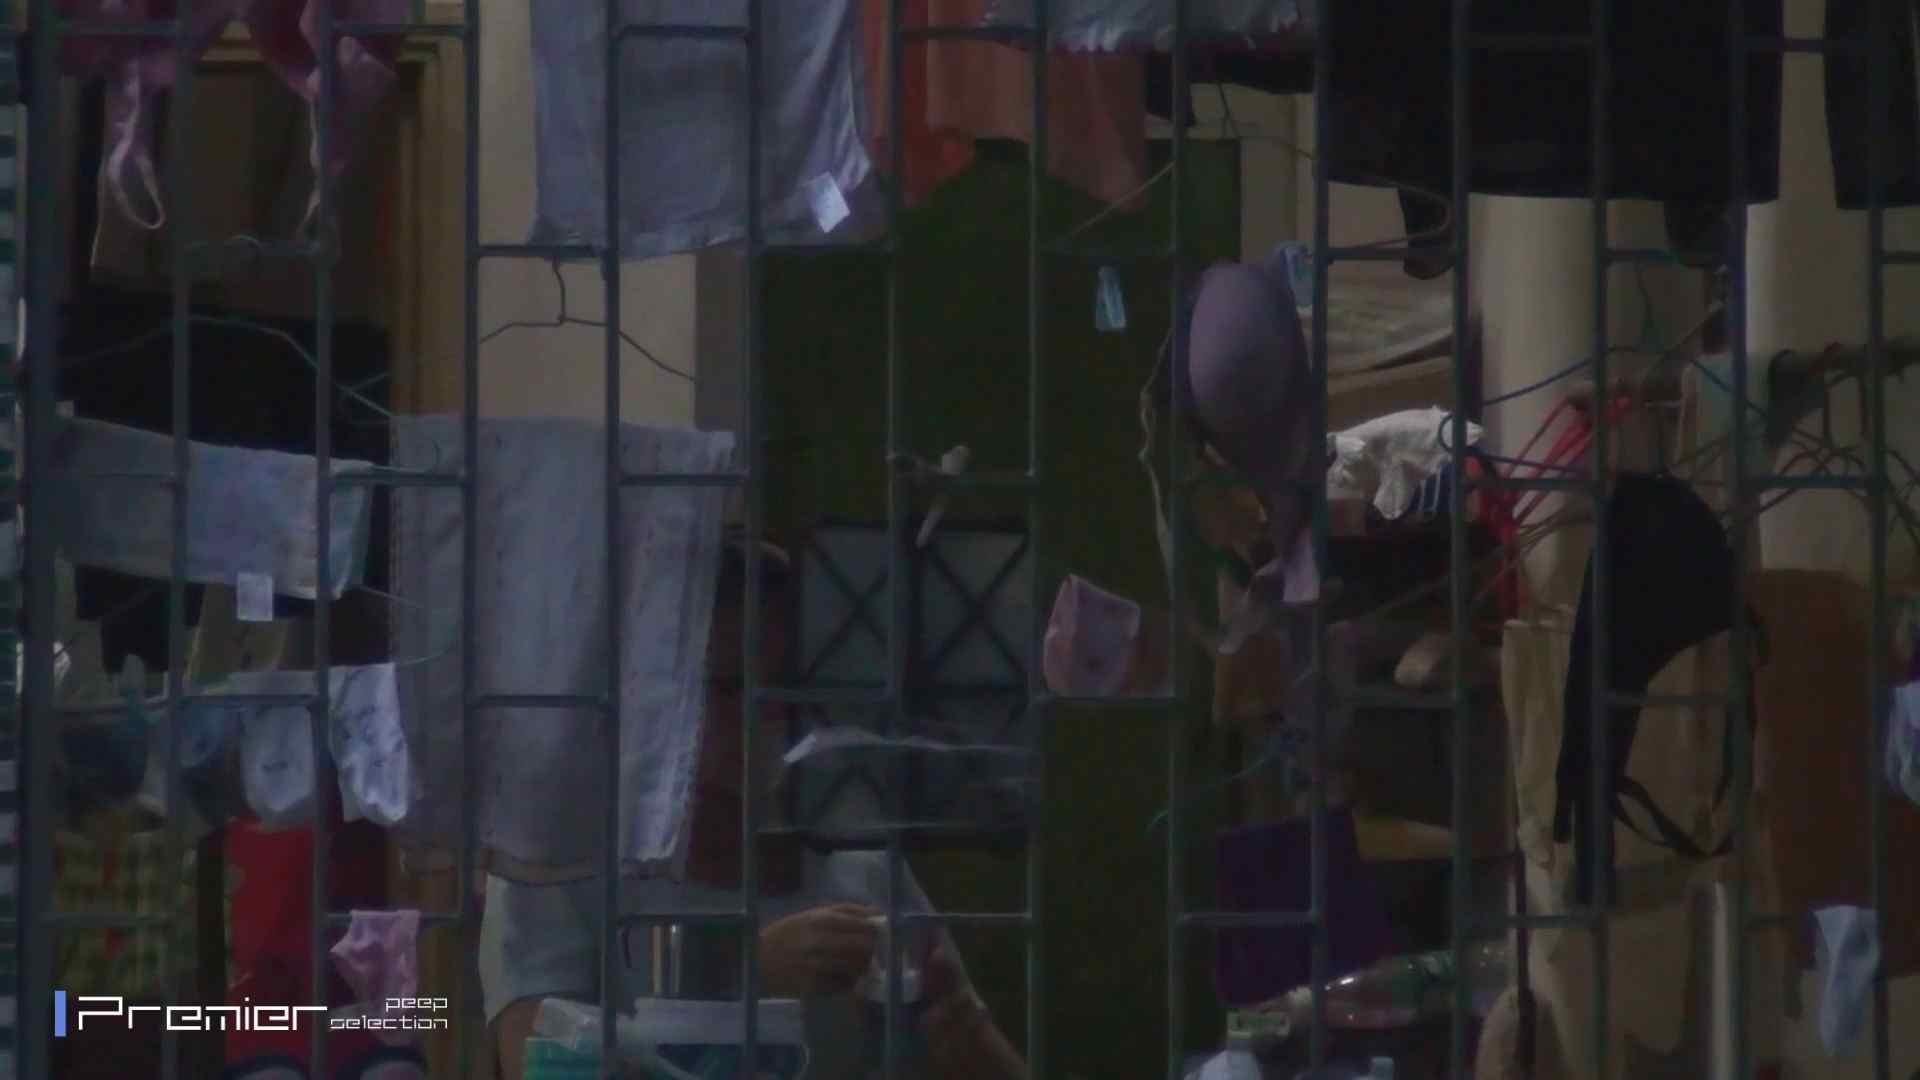 無修正エロ動画|激撮り美女の洗顔シーン Vol.05 美女の痴態に密着!|怪盗ジョーカー